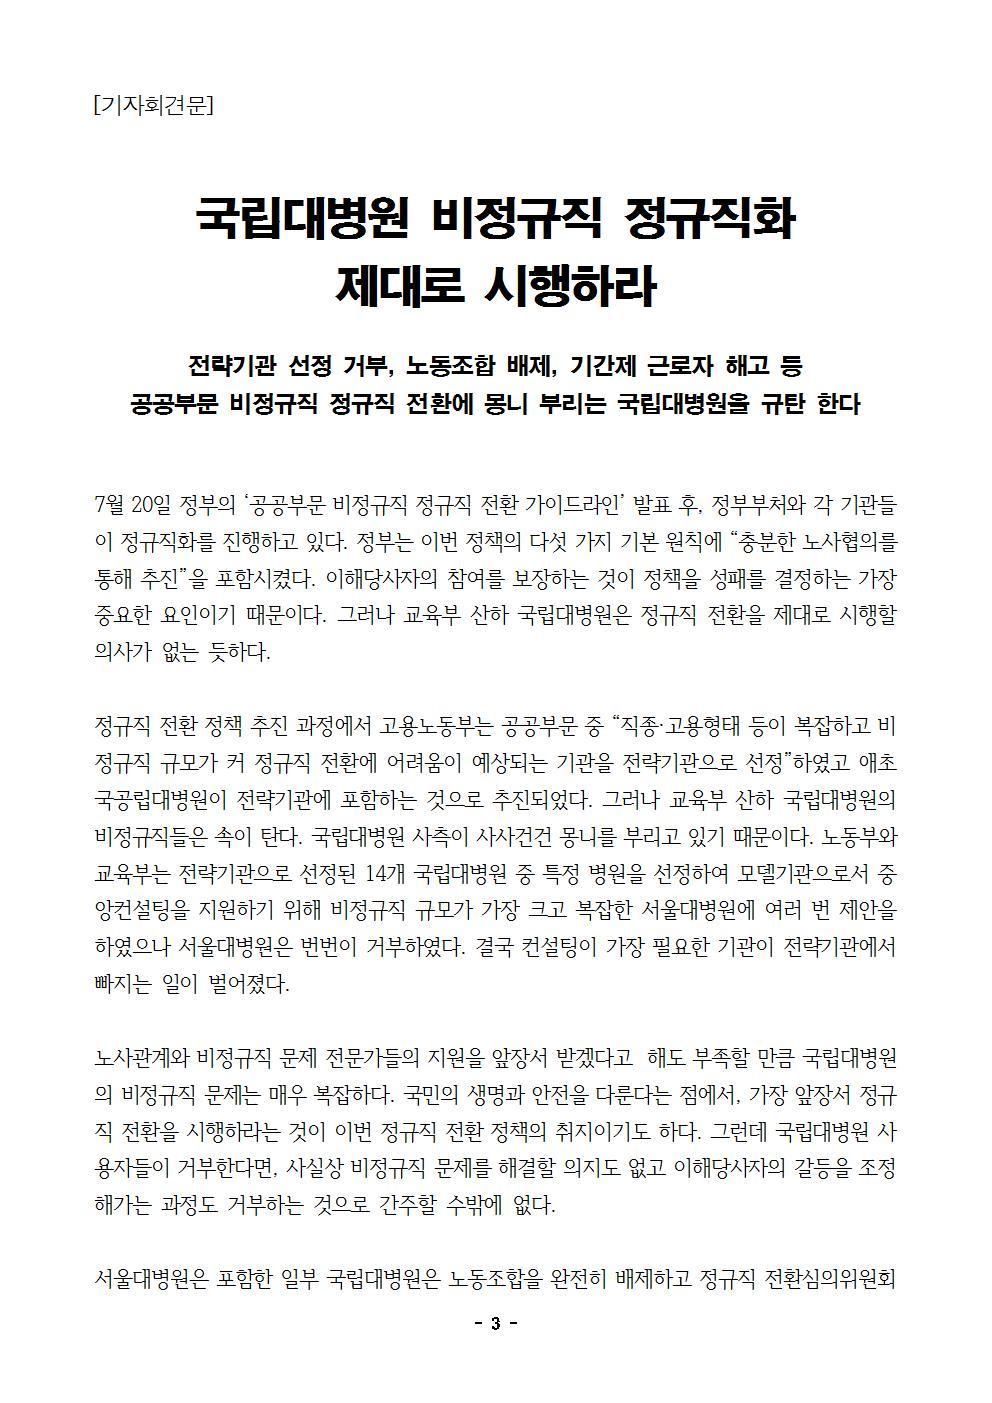 [기자회견문] 국립대병원 정규직전환003.jpg